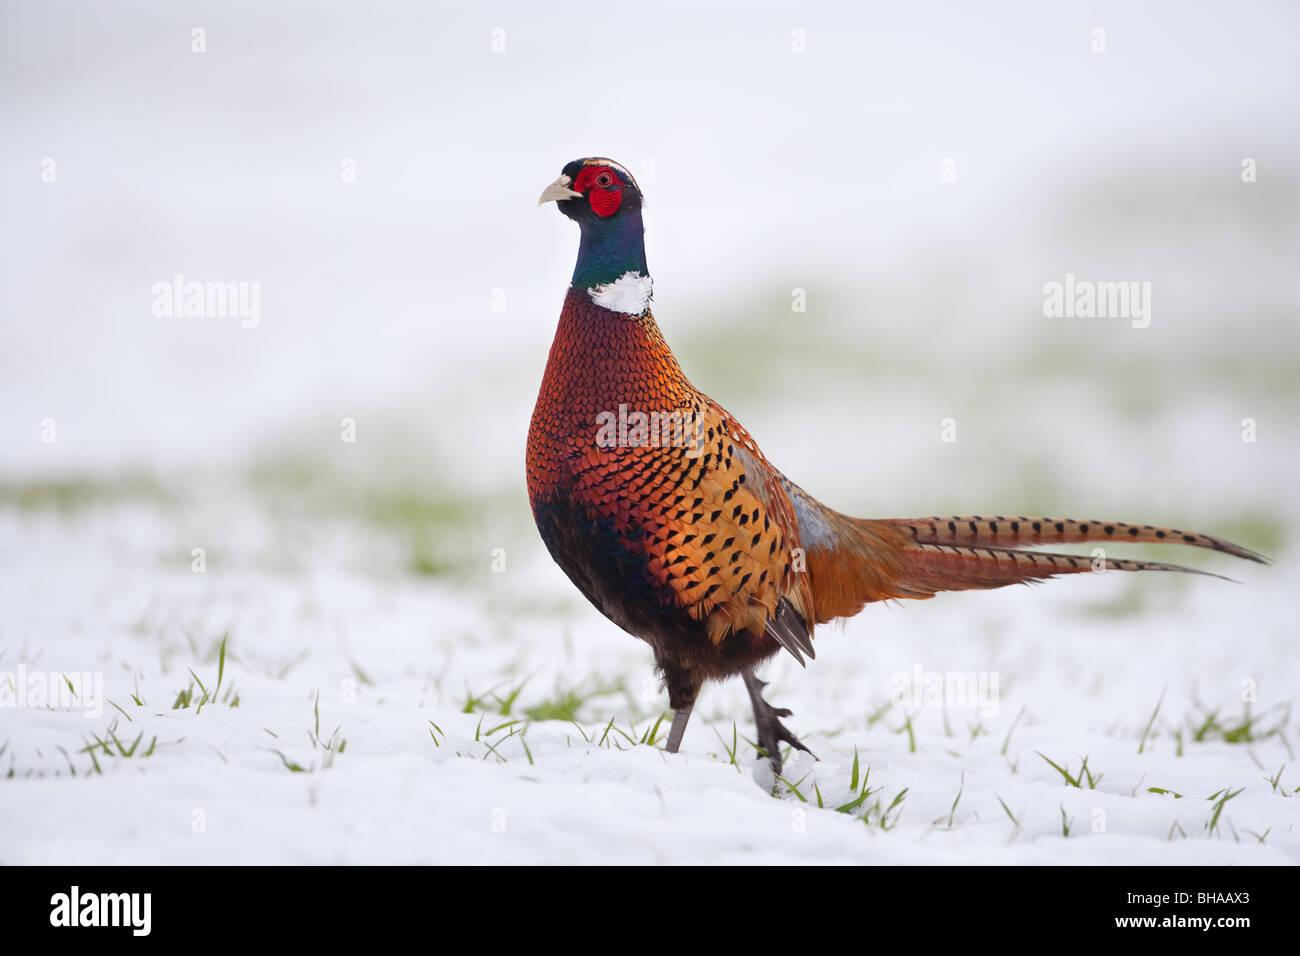 Pheasant Phasianus colchicus - Stock Image